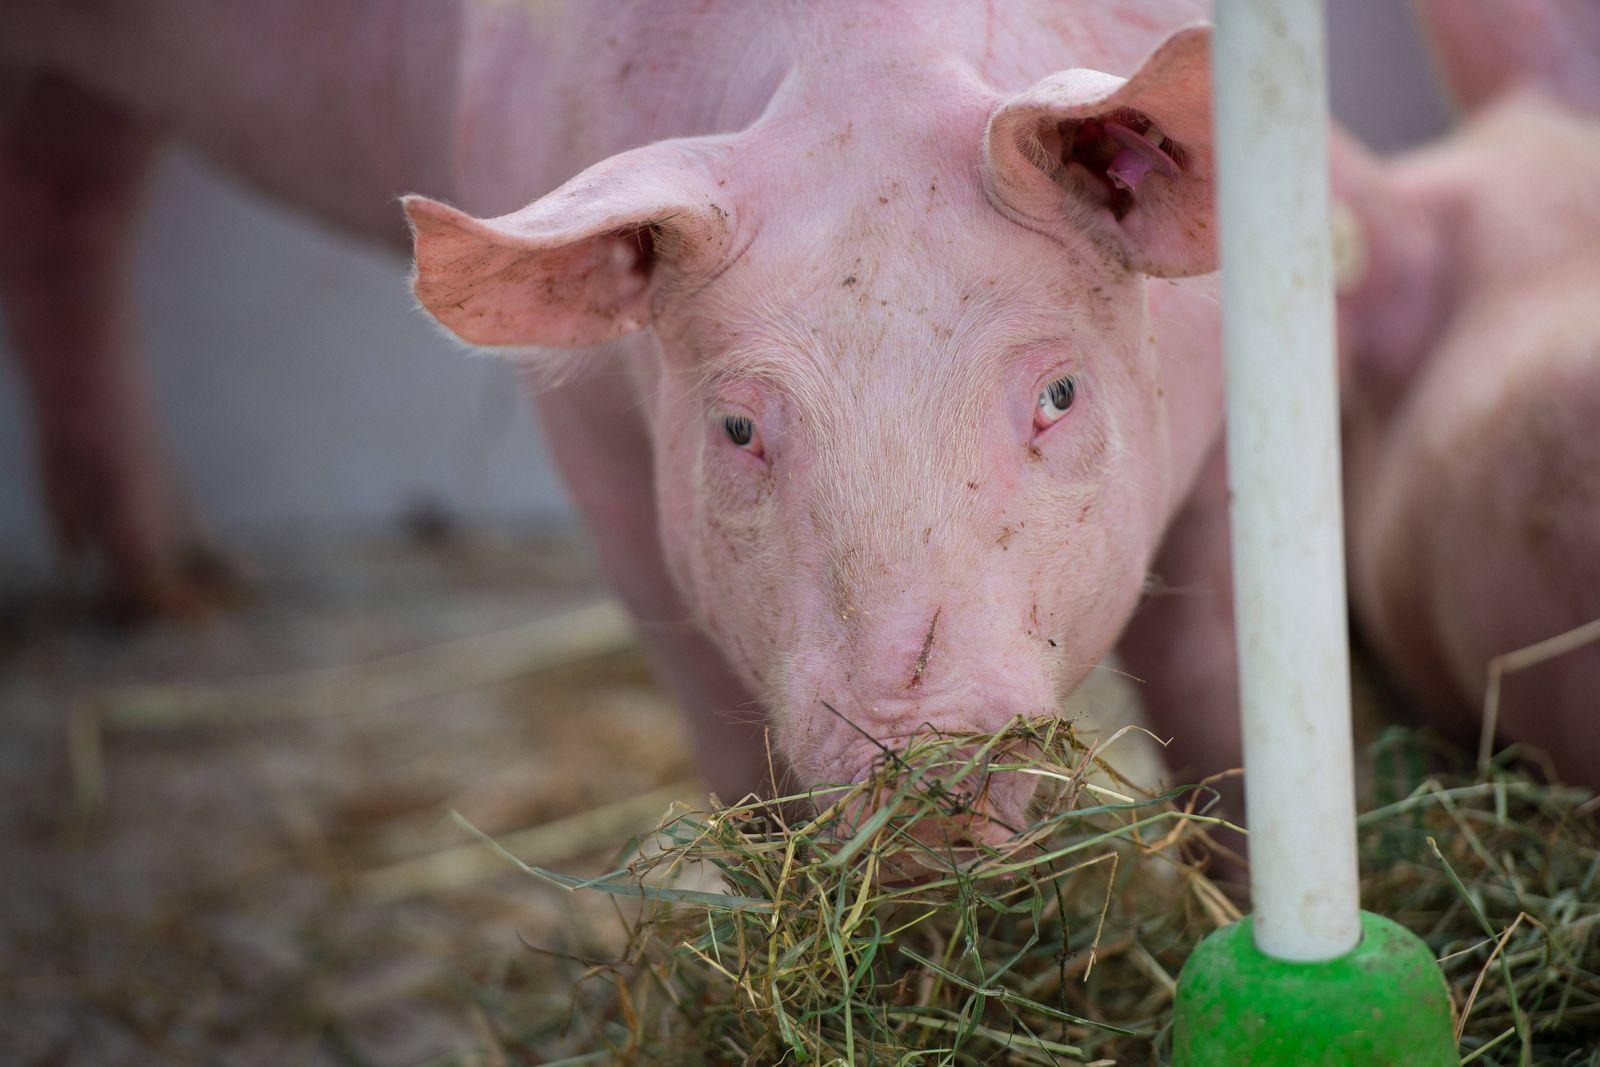 22.07.2020 - Demonstration von Tierschützern und Bauern am Tönnies Hauptwerk: Tierschützer des Tierschutzbüros protestie